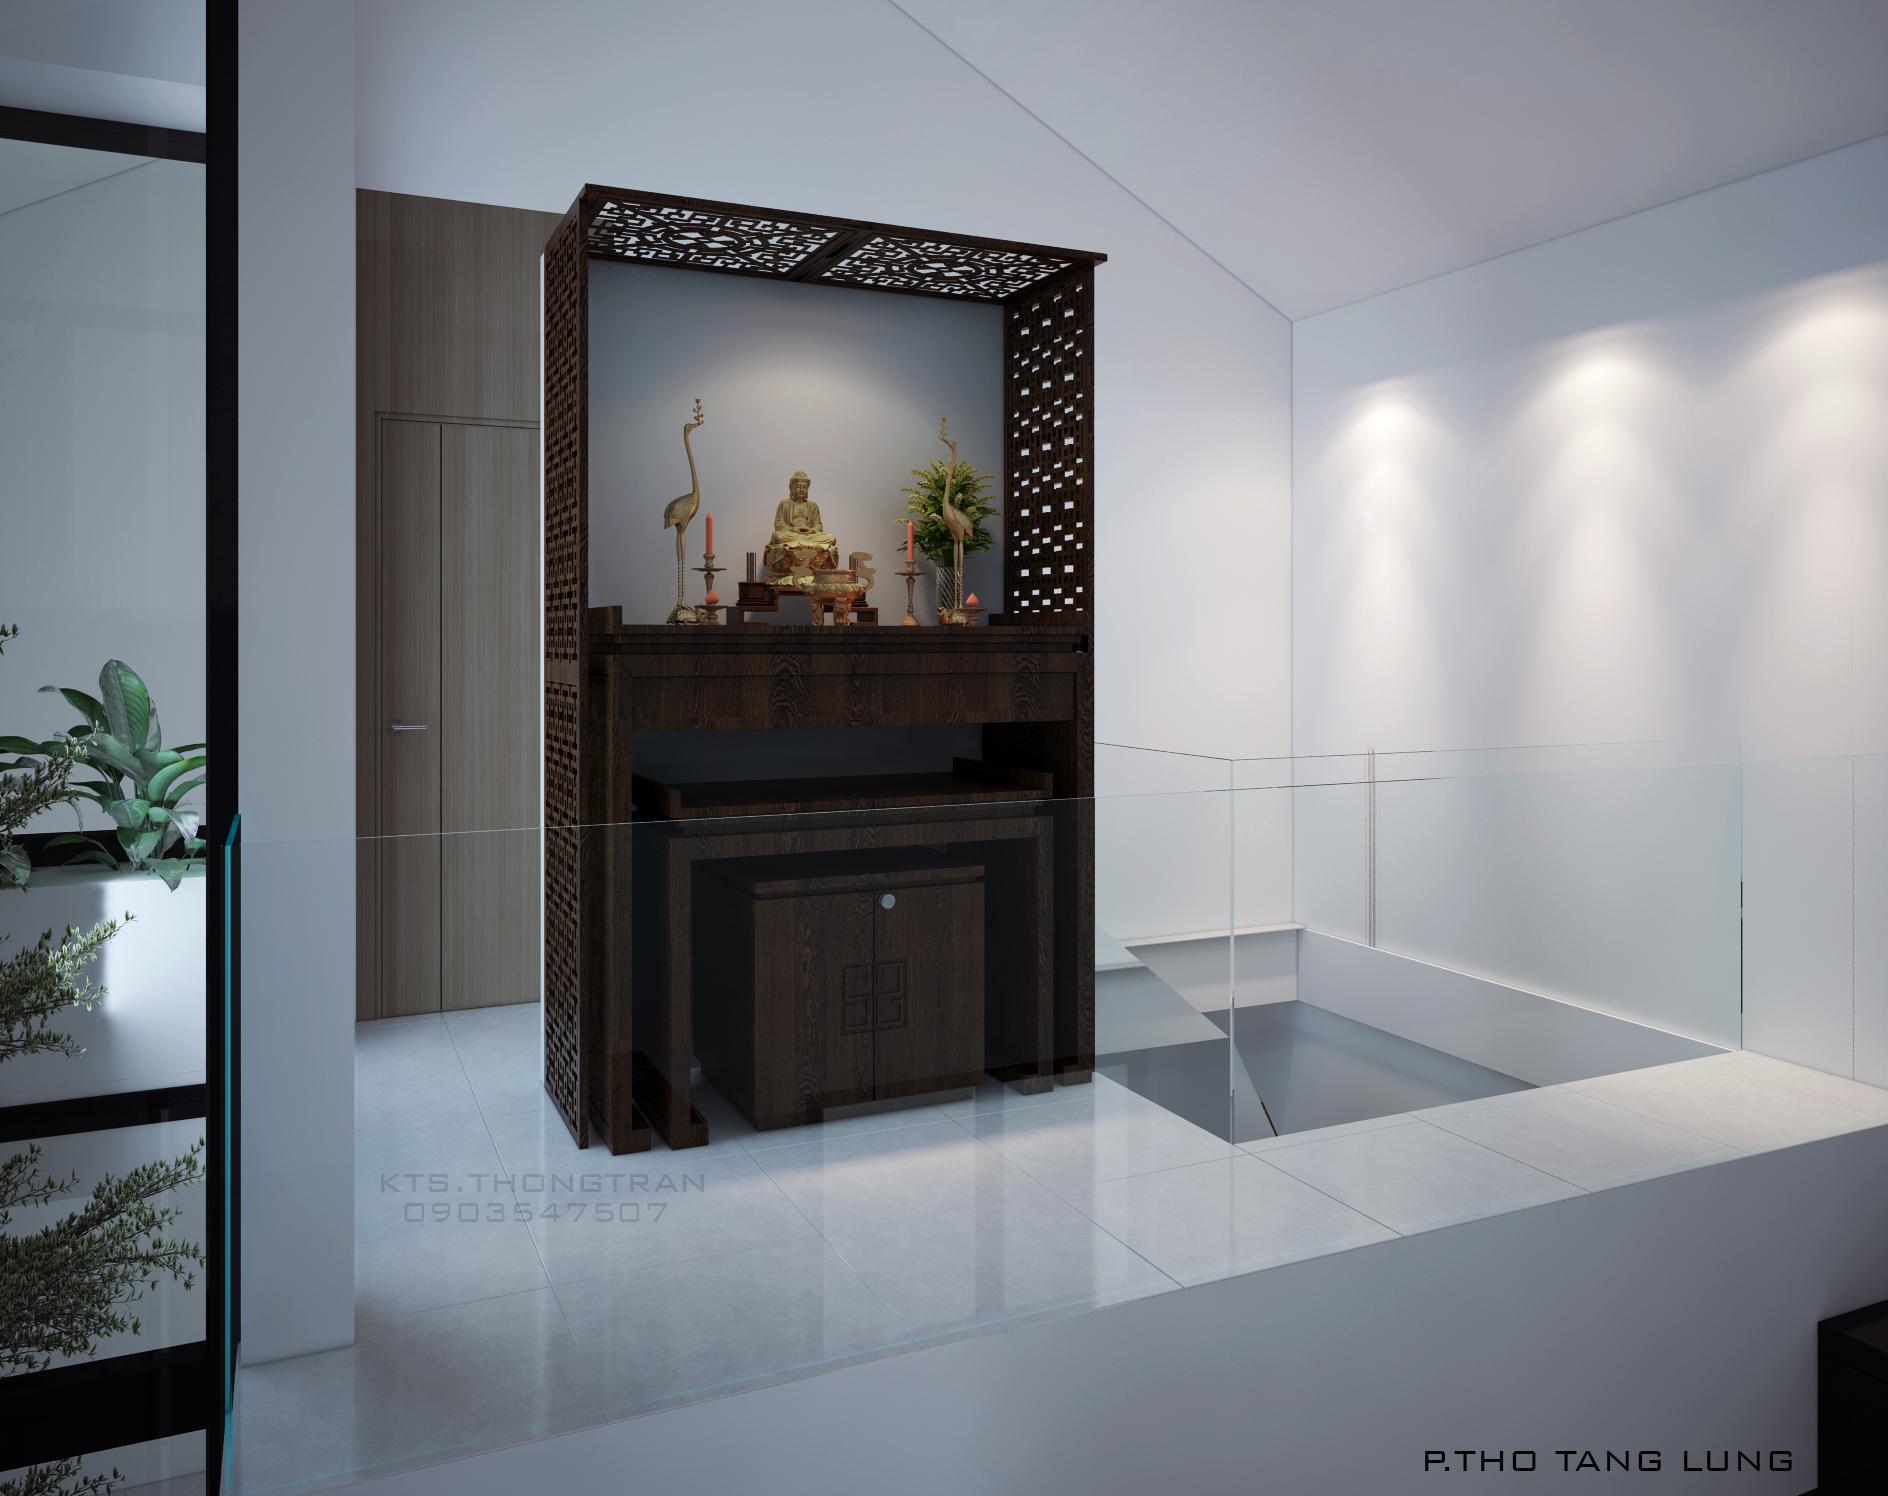 thiết kế nội thất Nhà Mặt Phố tại Đà Nẵng Nhà Phố 12 1548240982